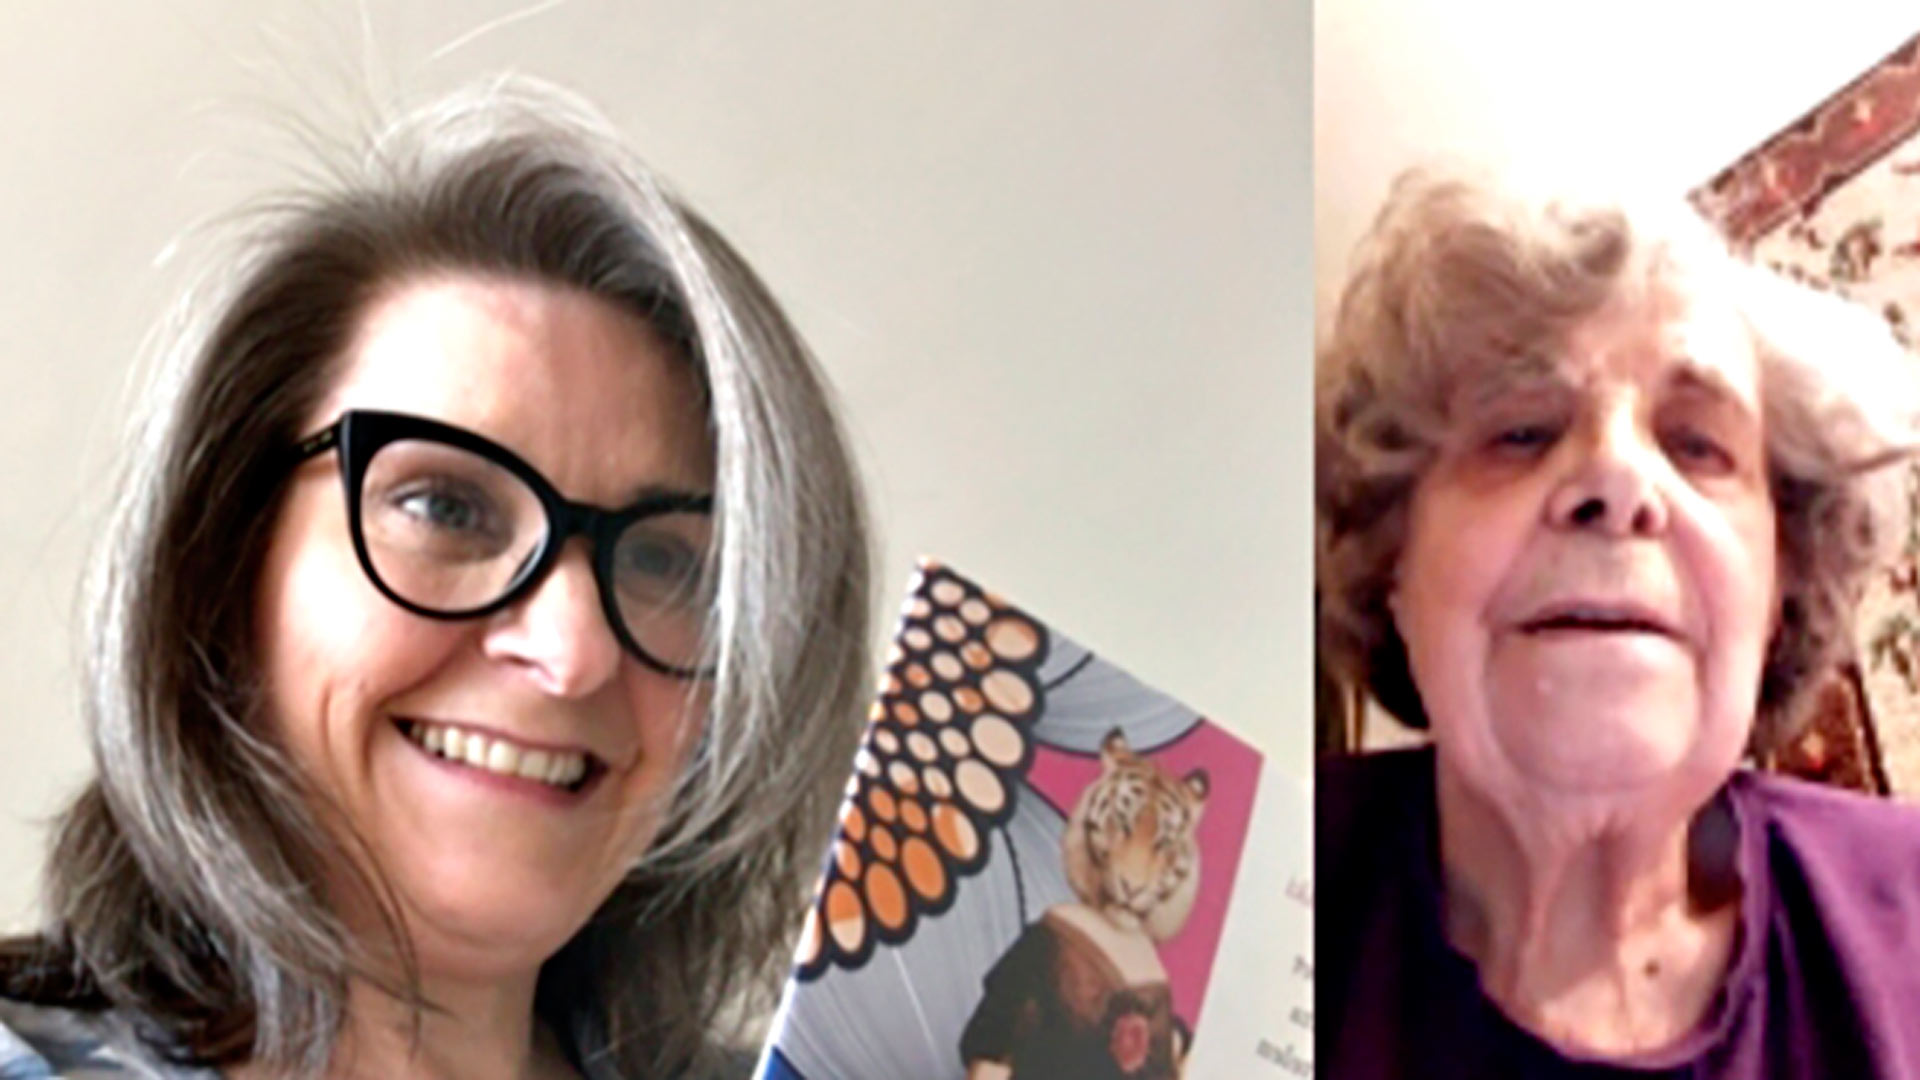 Karanteeni ei estä yhteyttä mantereiden välillä. Mia Halonen ja hänen äitinsä Liisa Halonen lukevat kirjoja Messengerin kuvapuheluiden välityksellä.